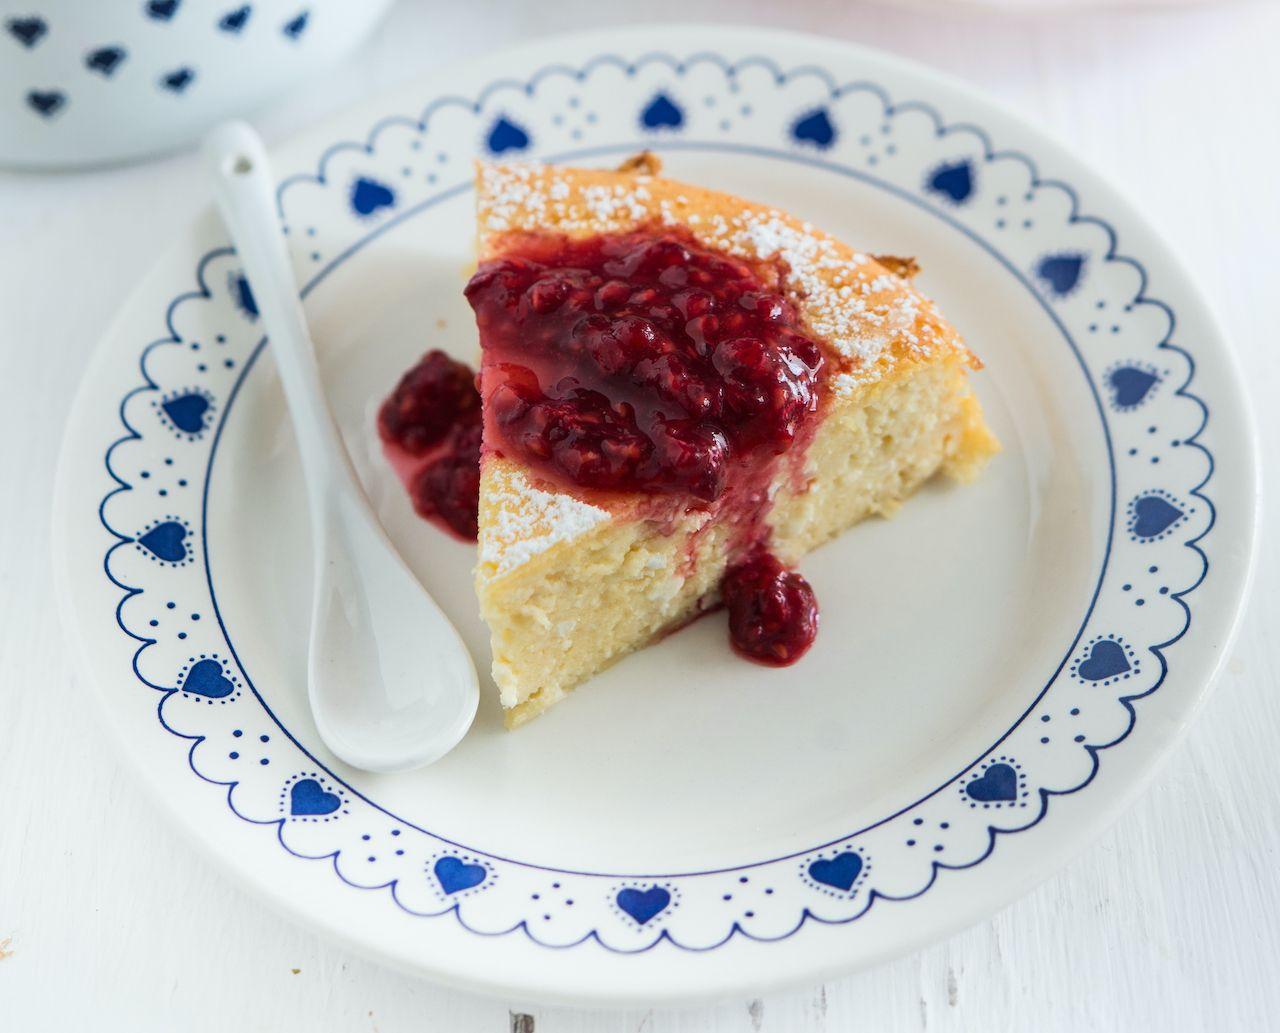 Swedish marzipan cheesecake